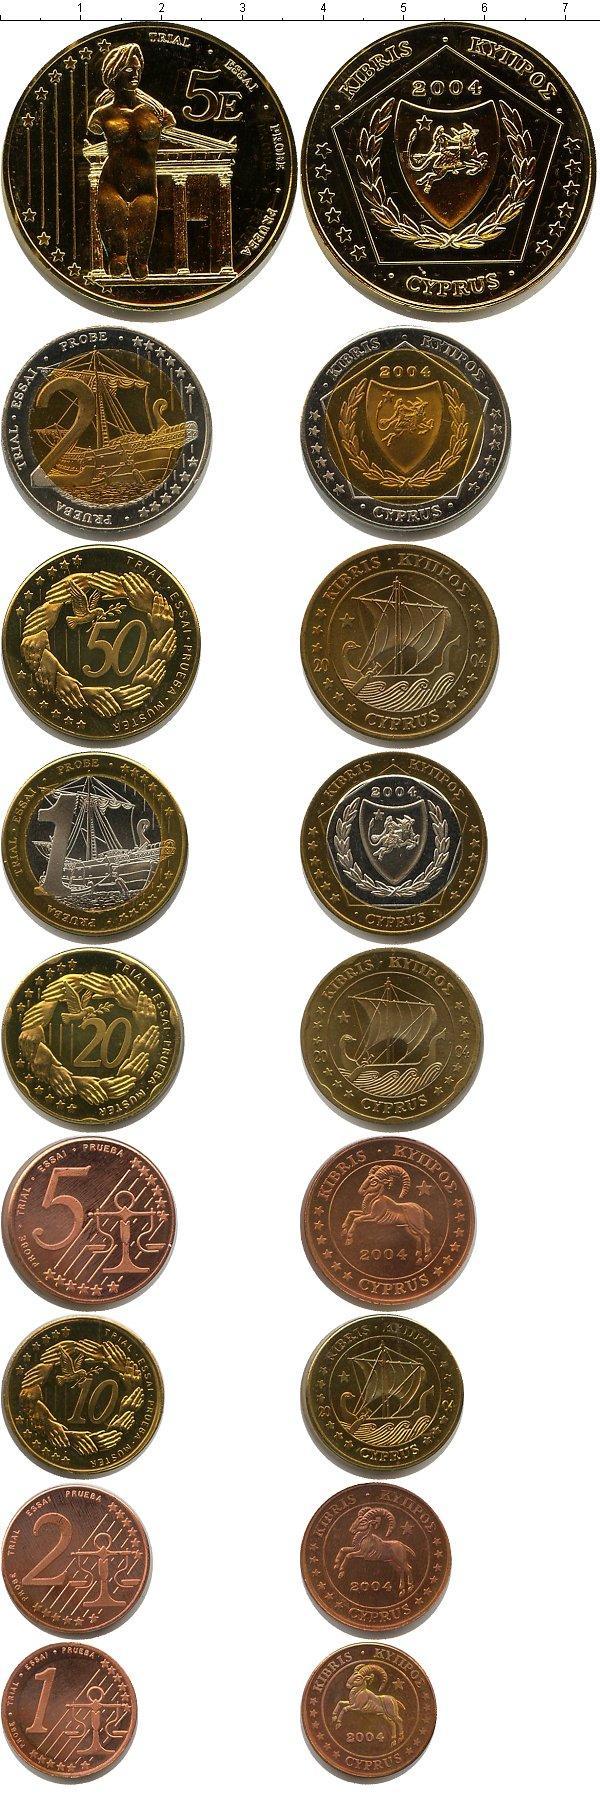 Каталог монет - Кипр Пробный евронабор 2004